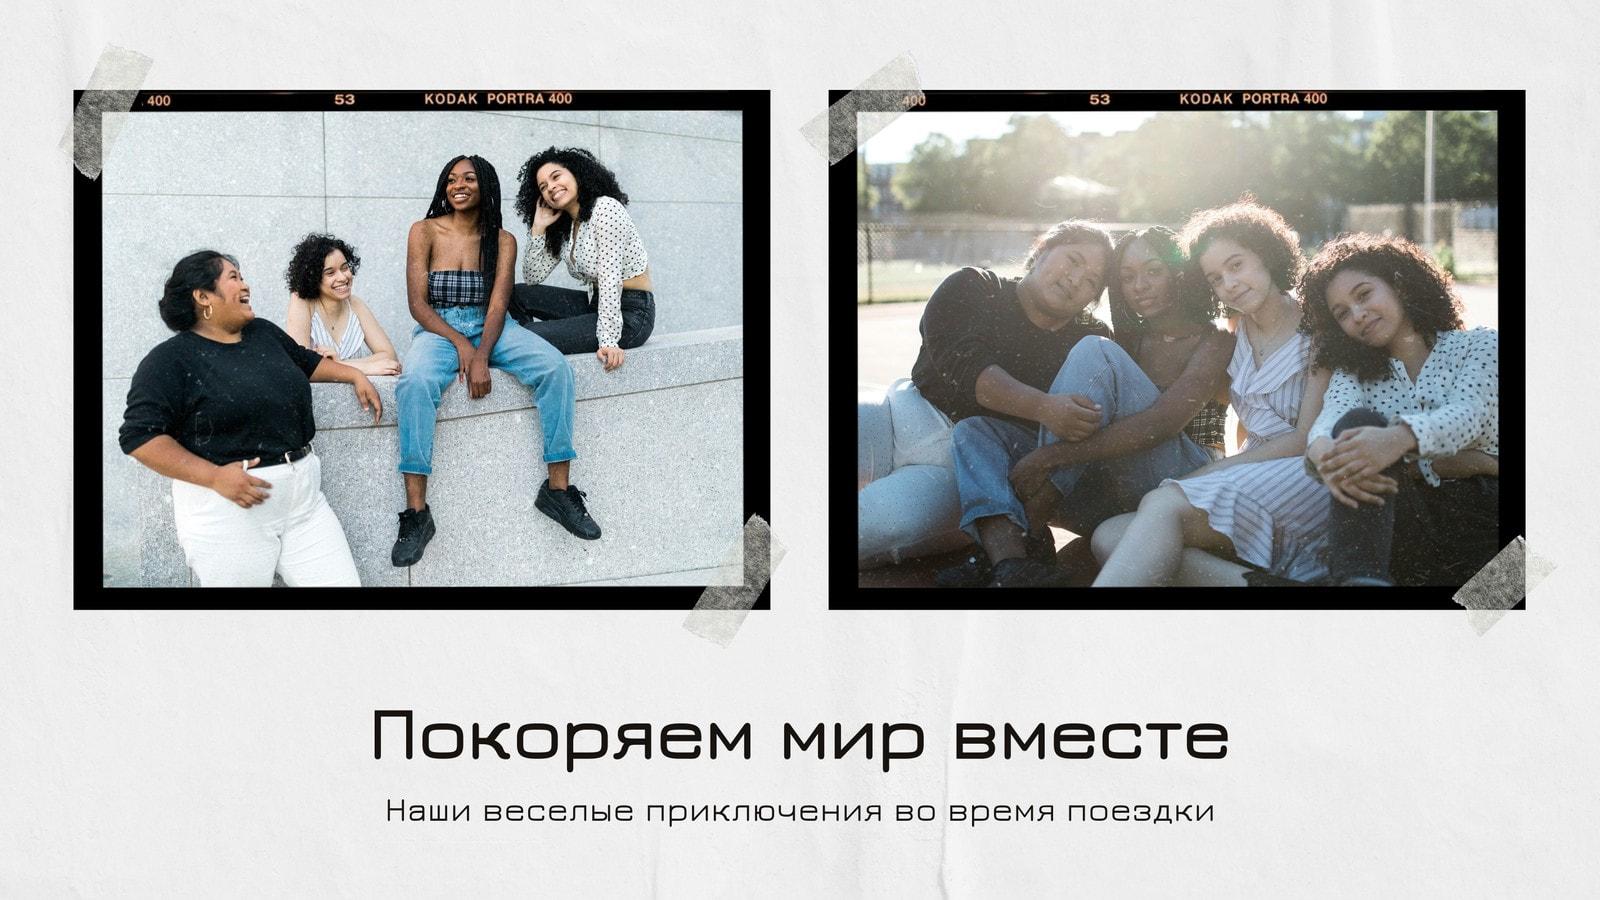 Белый и Черный Кадры Пленки Друзья Путешествия Воспоминания Слайд-шоу